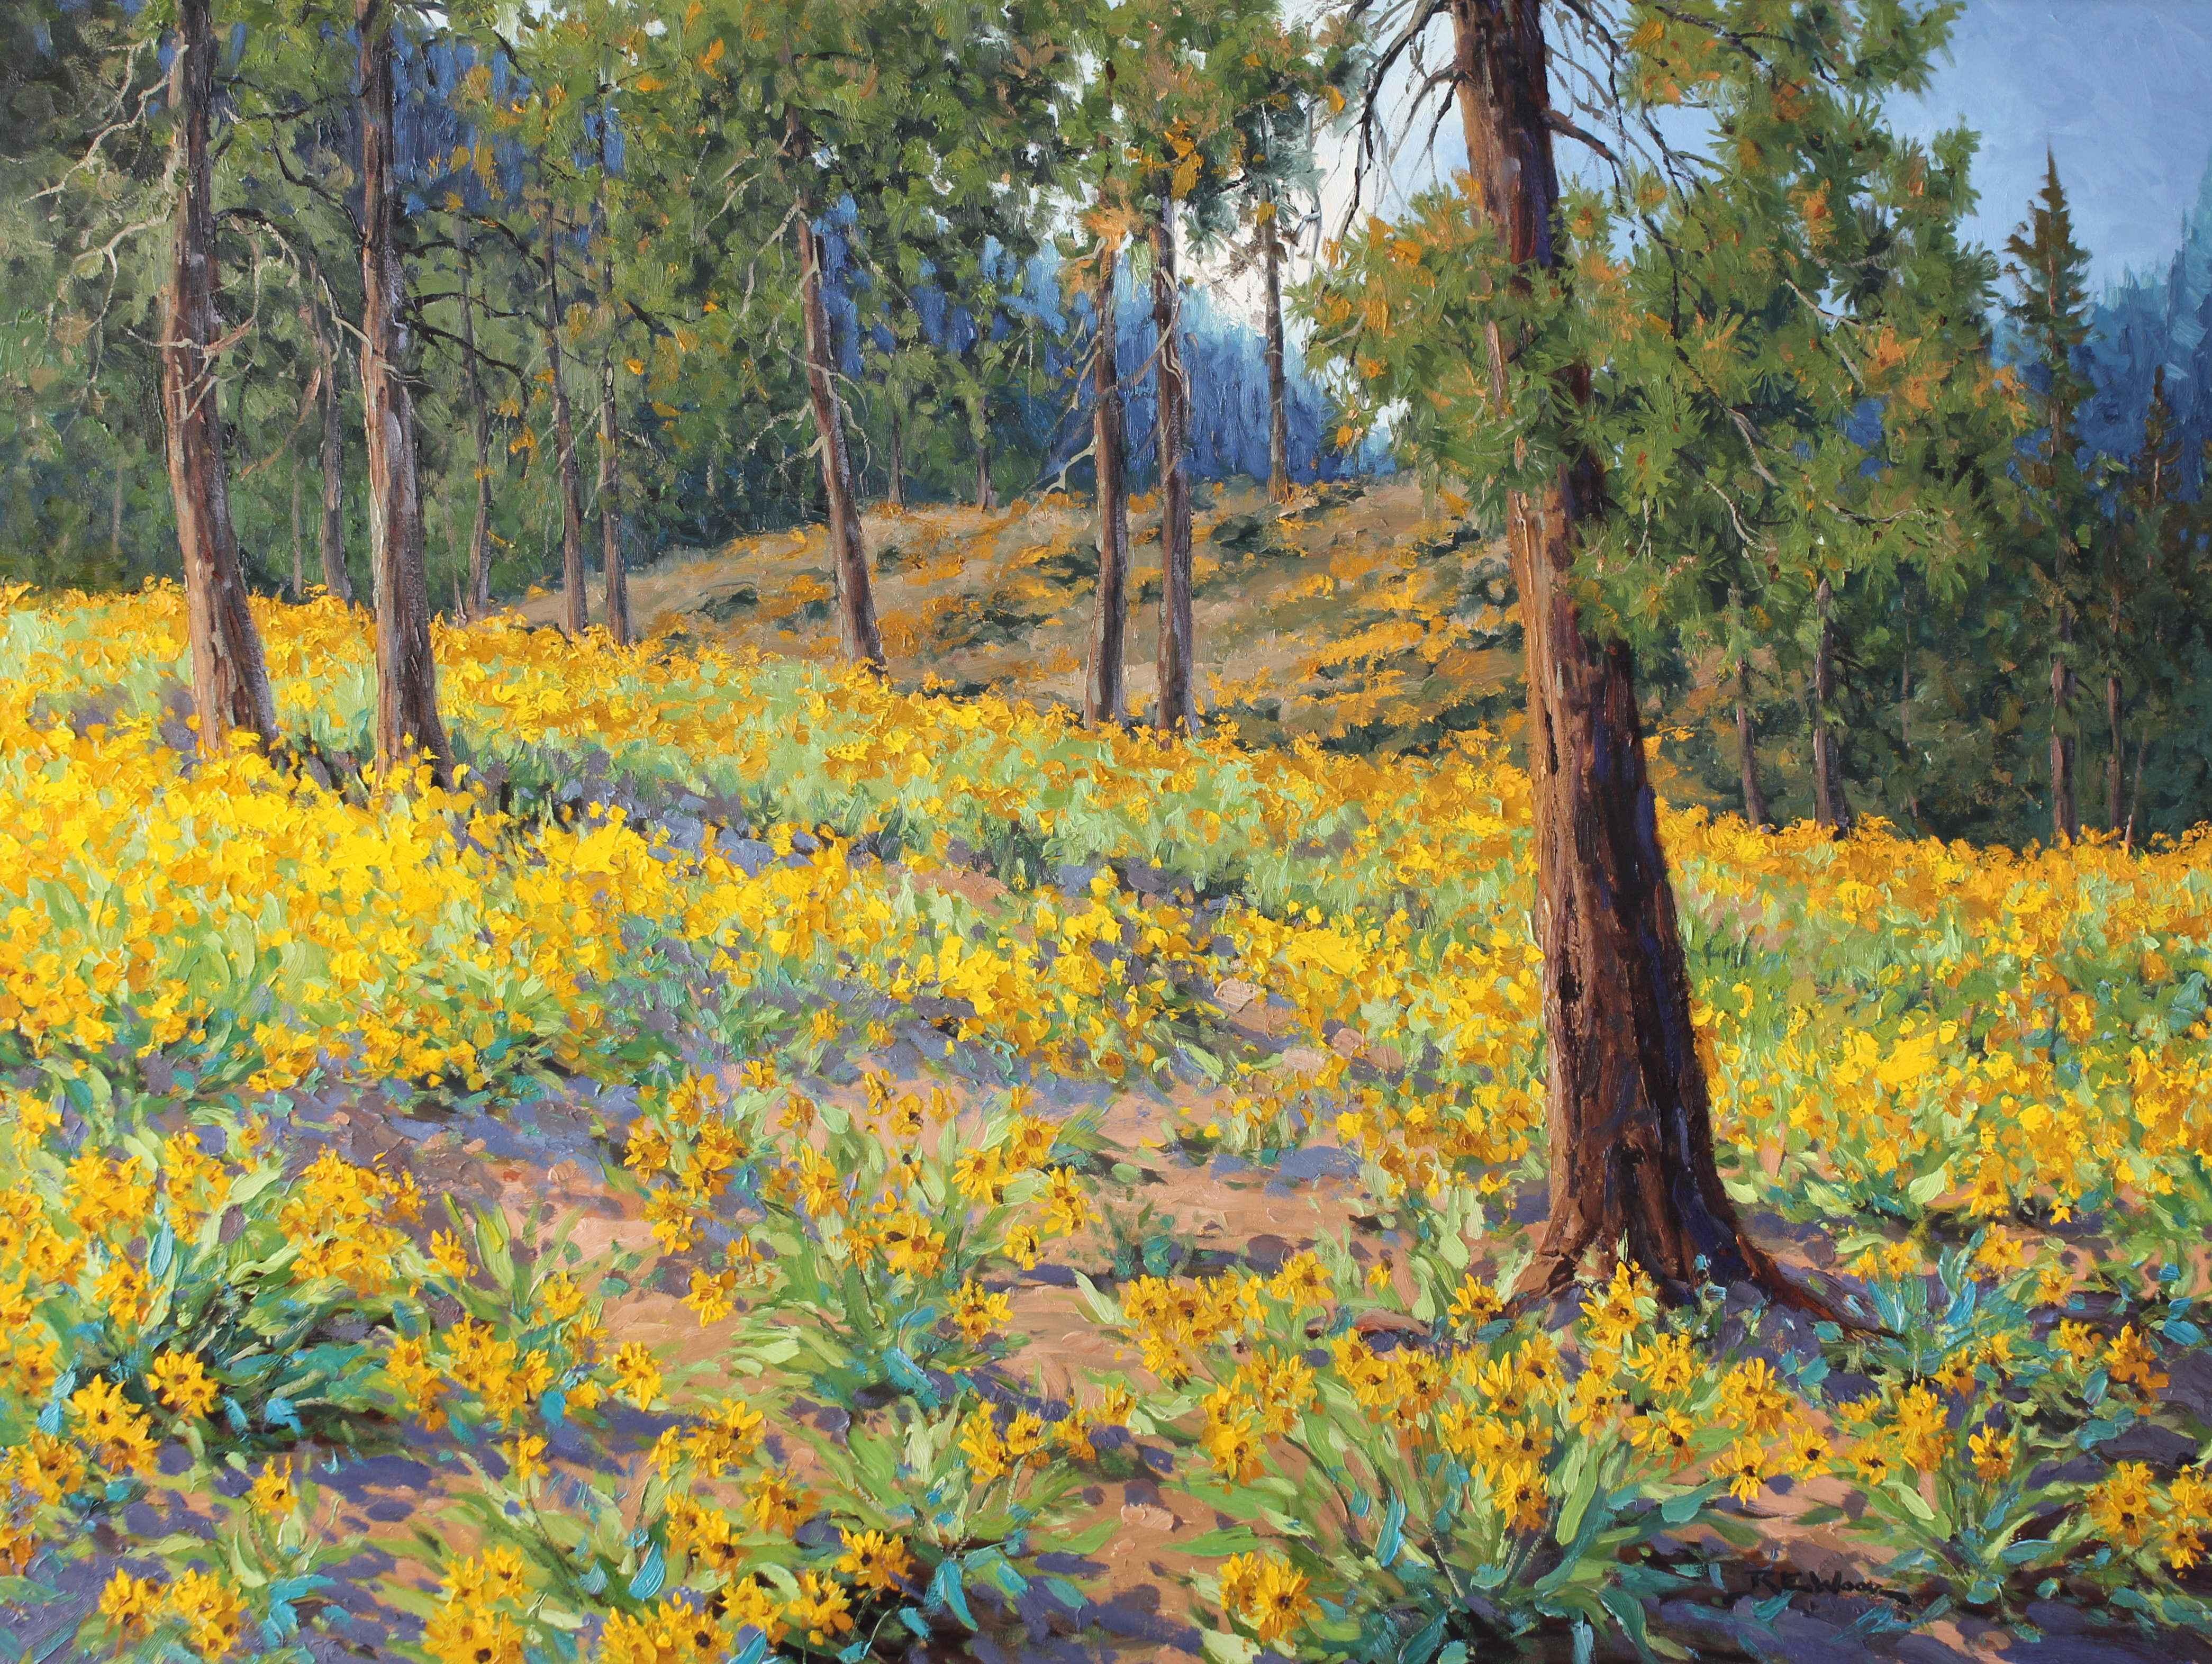 Okanagan Sunflowers by  Robert E. Wood - Masterpiece Online